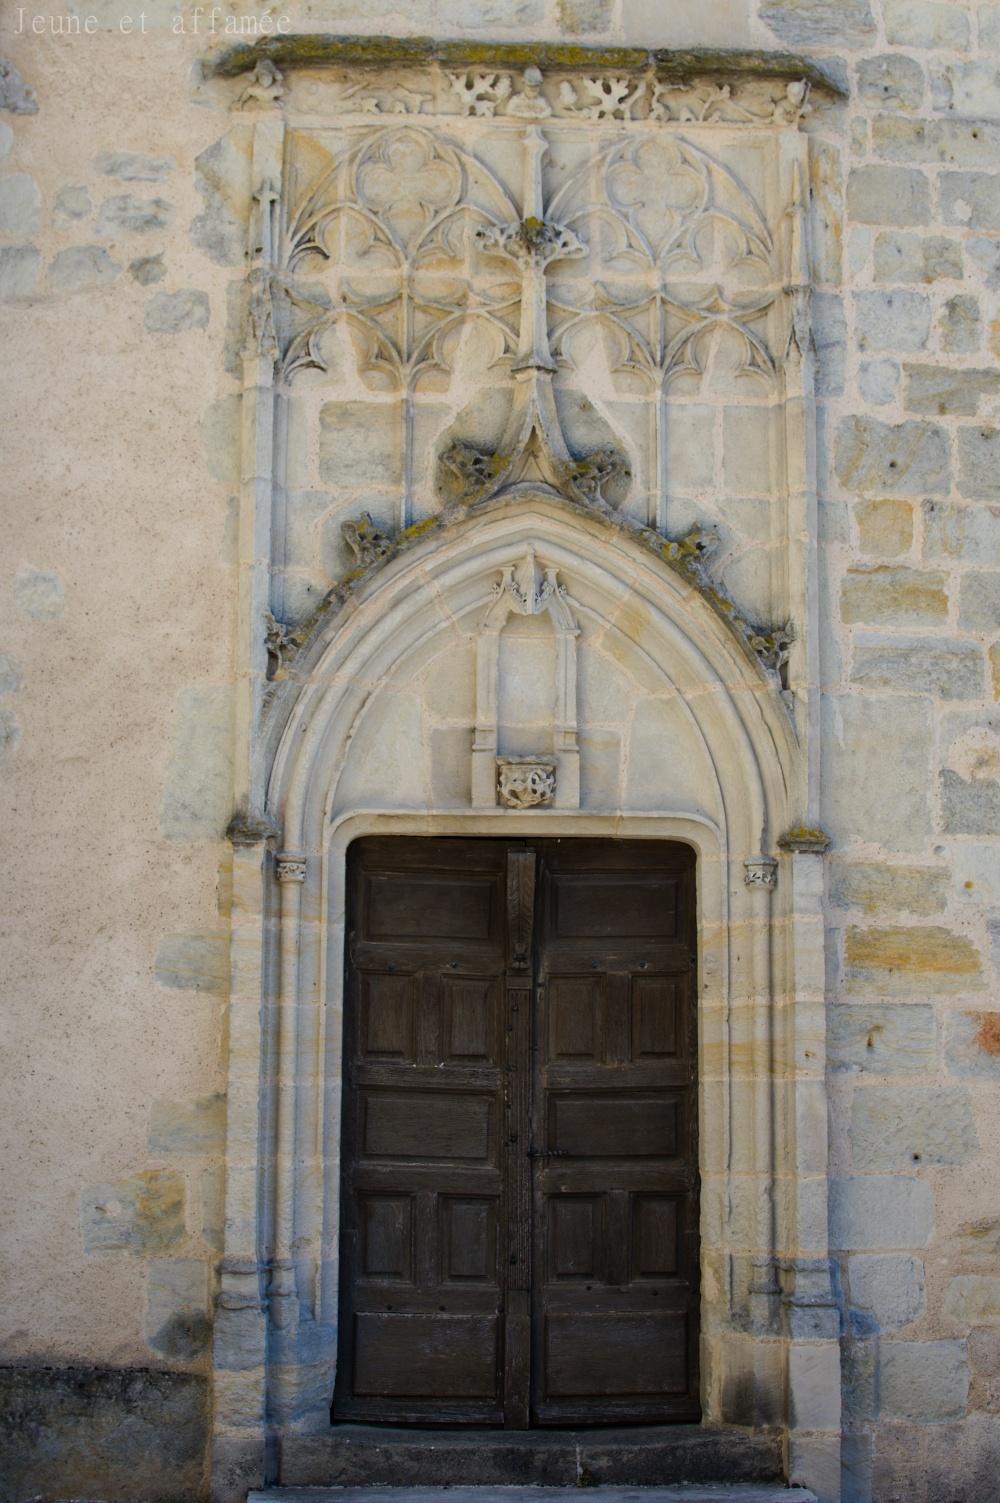 Une jolie porte sur le côté de l'église Notre-Dame à Vierzon